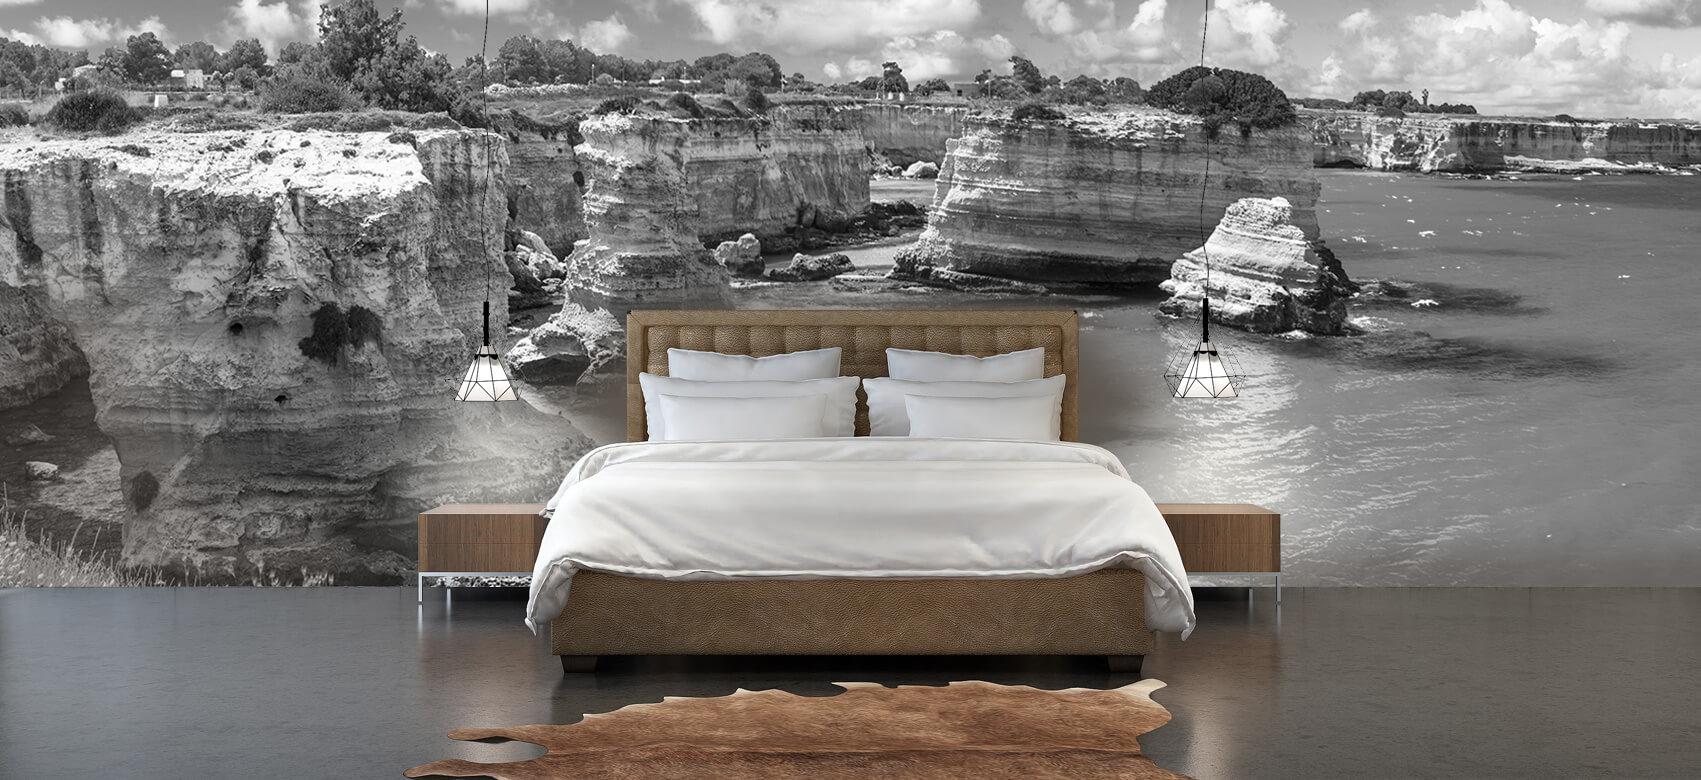 Zomer behang - Rotsformatie aan de kust - Slaapkamer 5